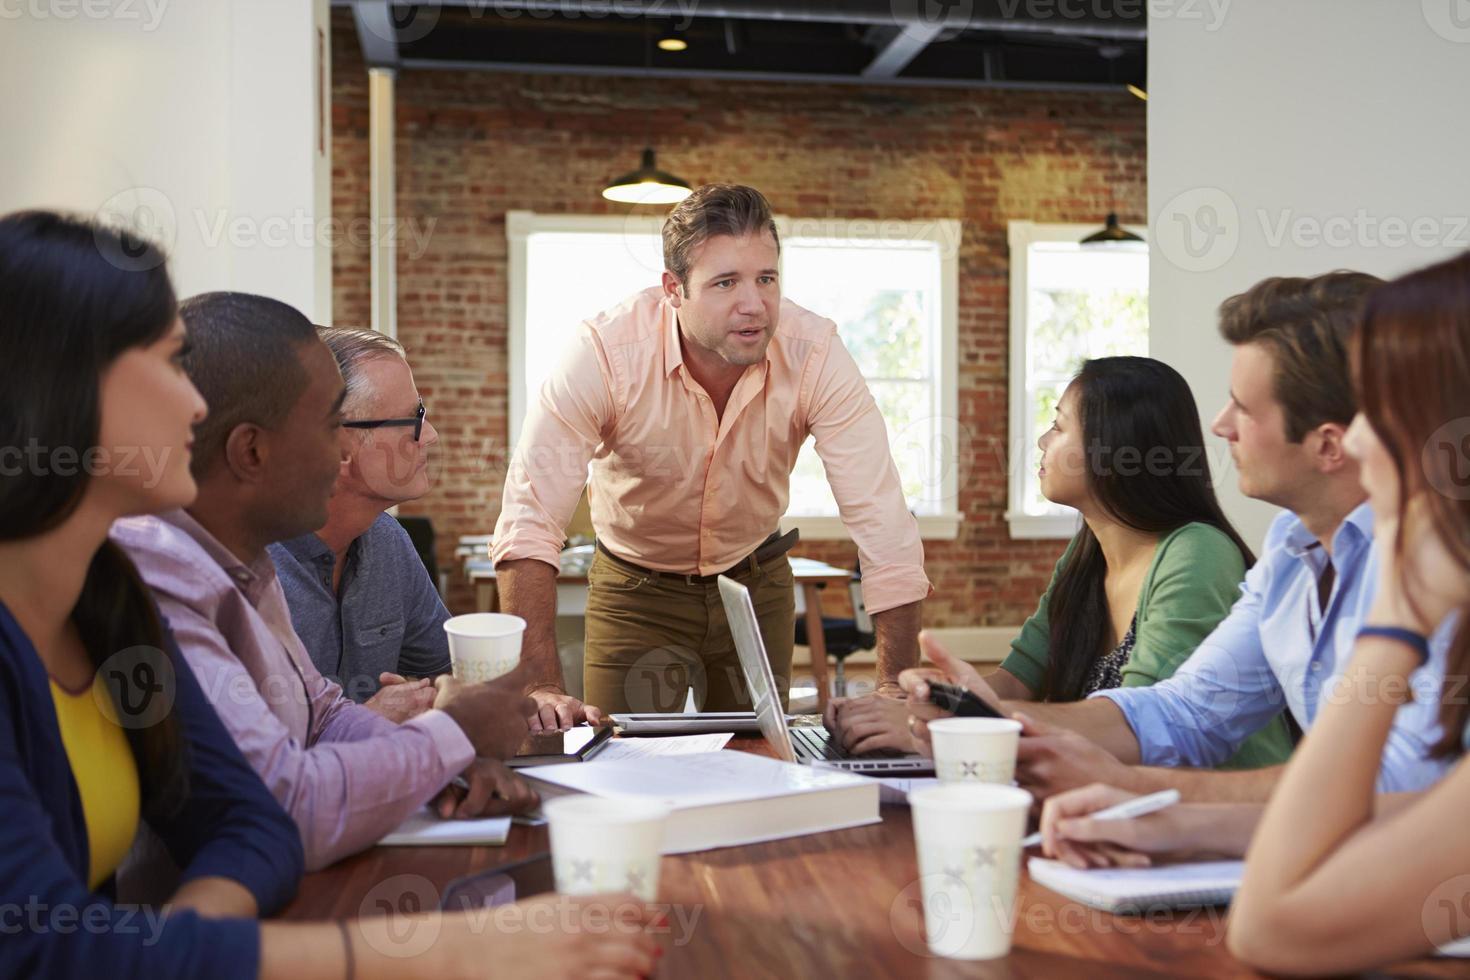 männlicher Chef, der Büroangestellte beim Treffen anspricht foto